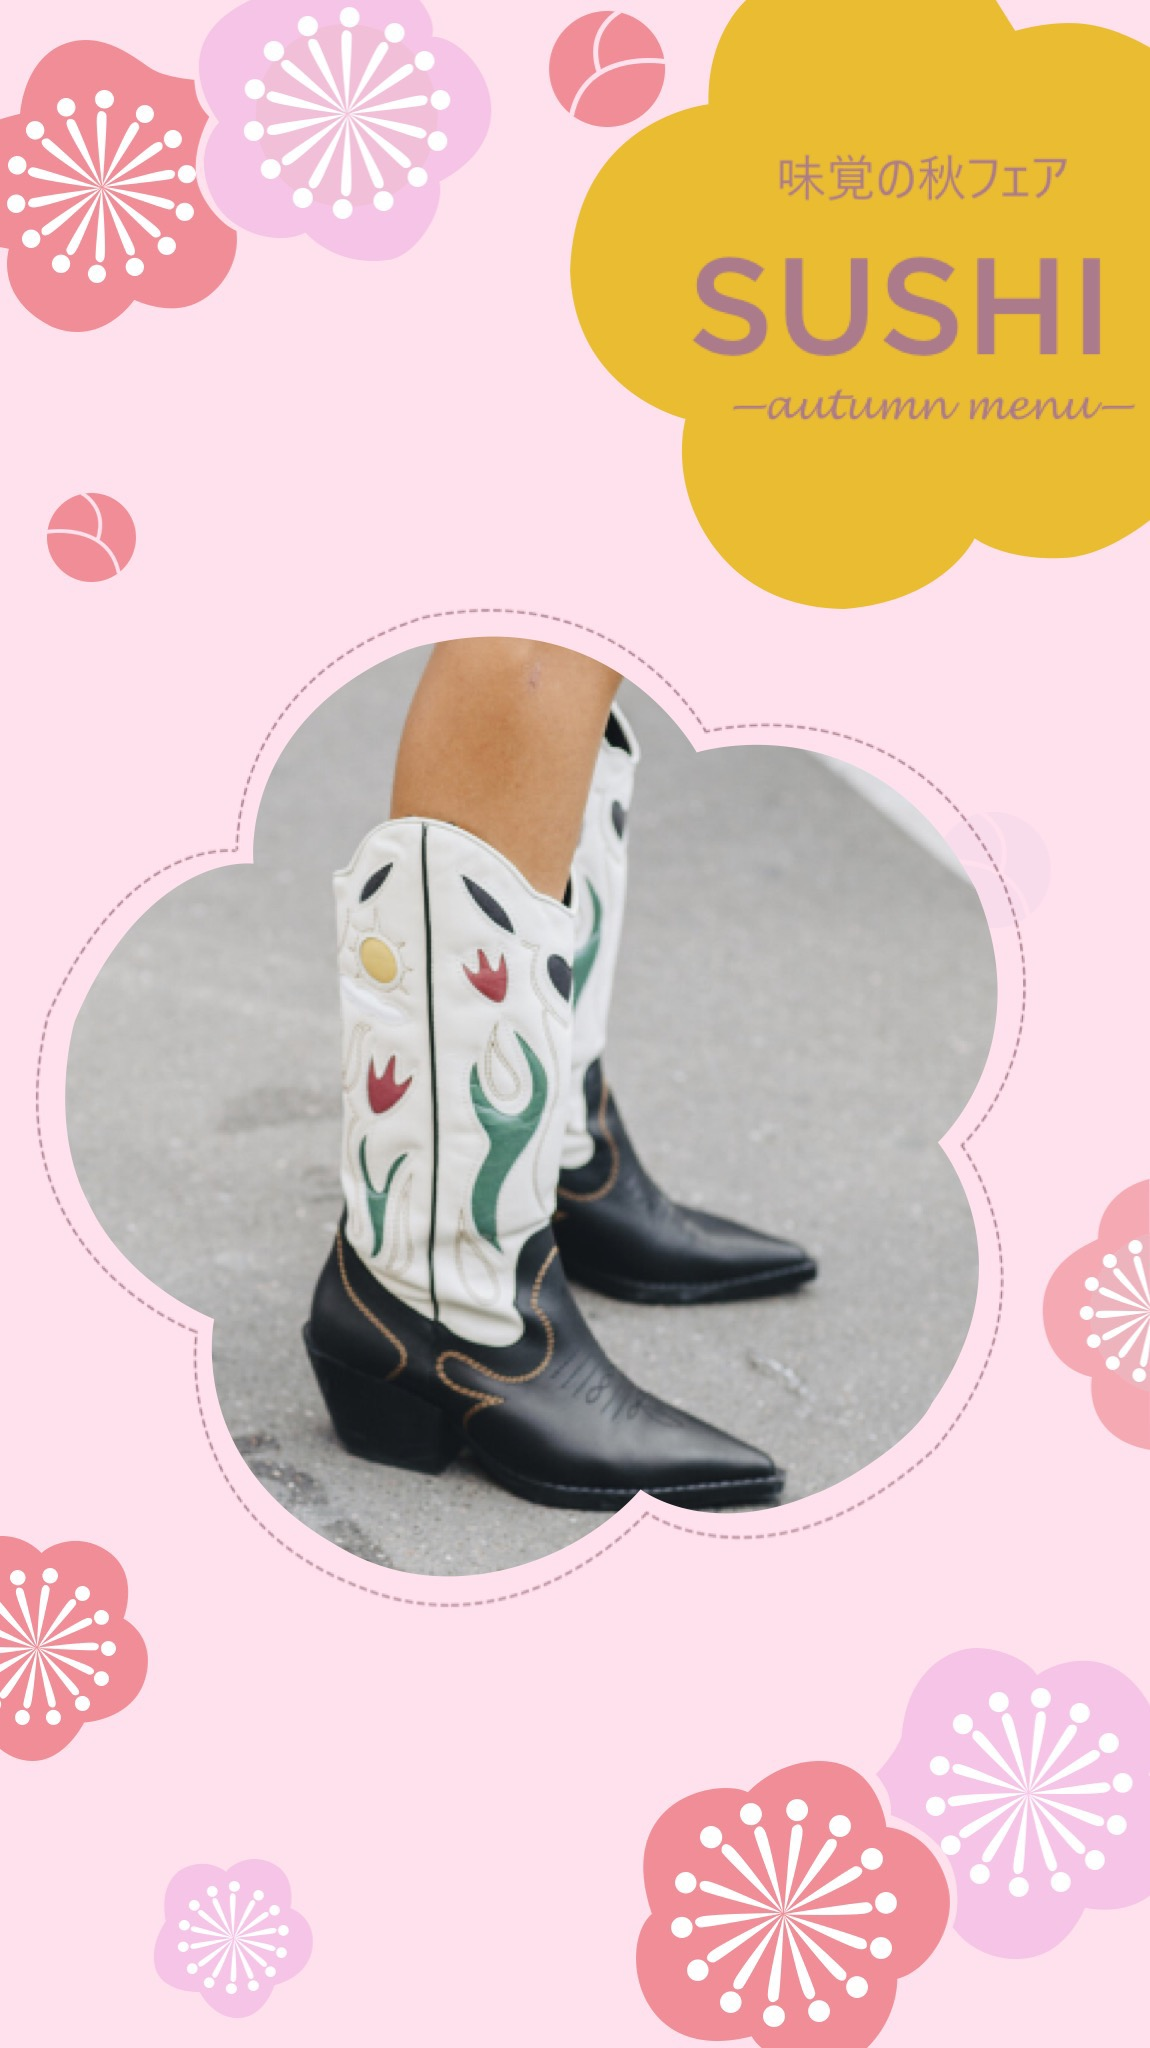 """老爹鞋请退位,秋季气质的你穿上一双""""牛仔靴"""",让你率性又时髦"""